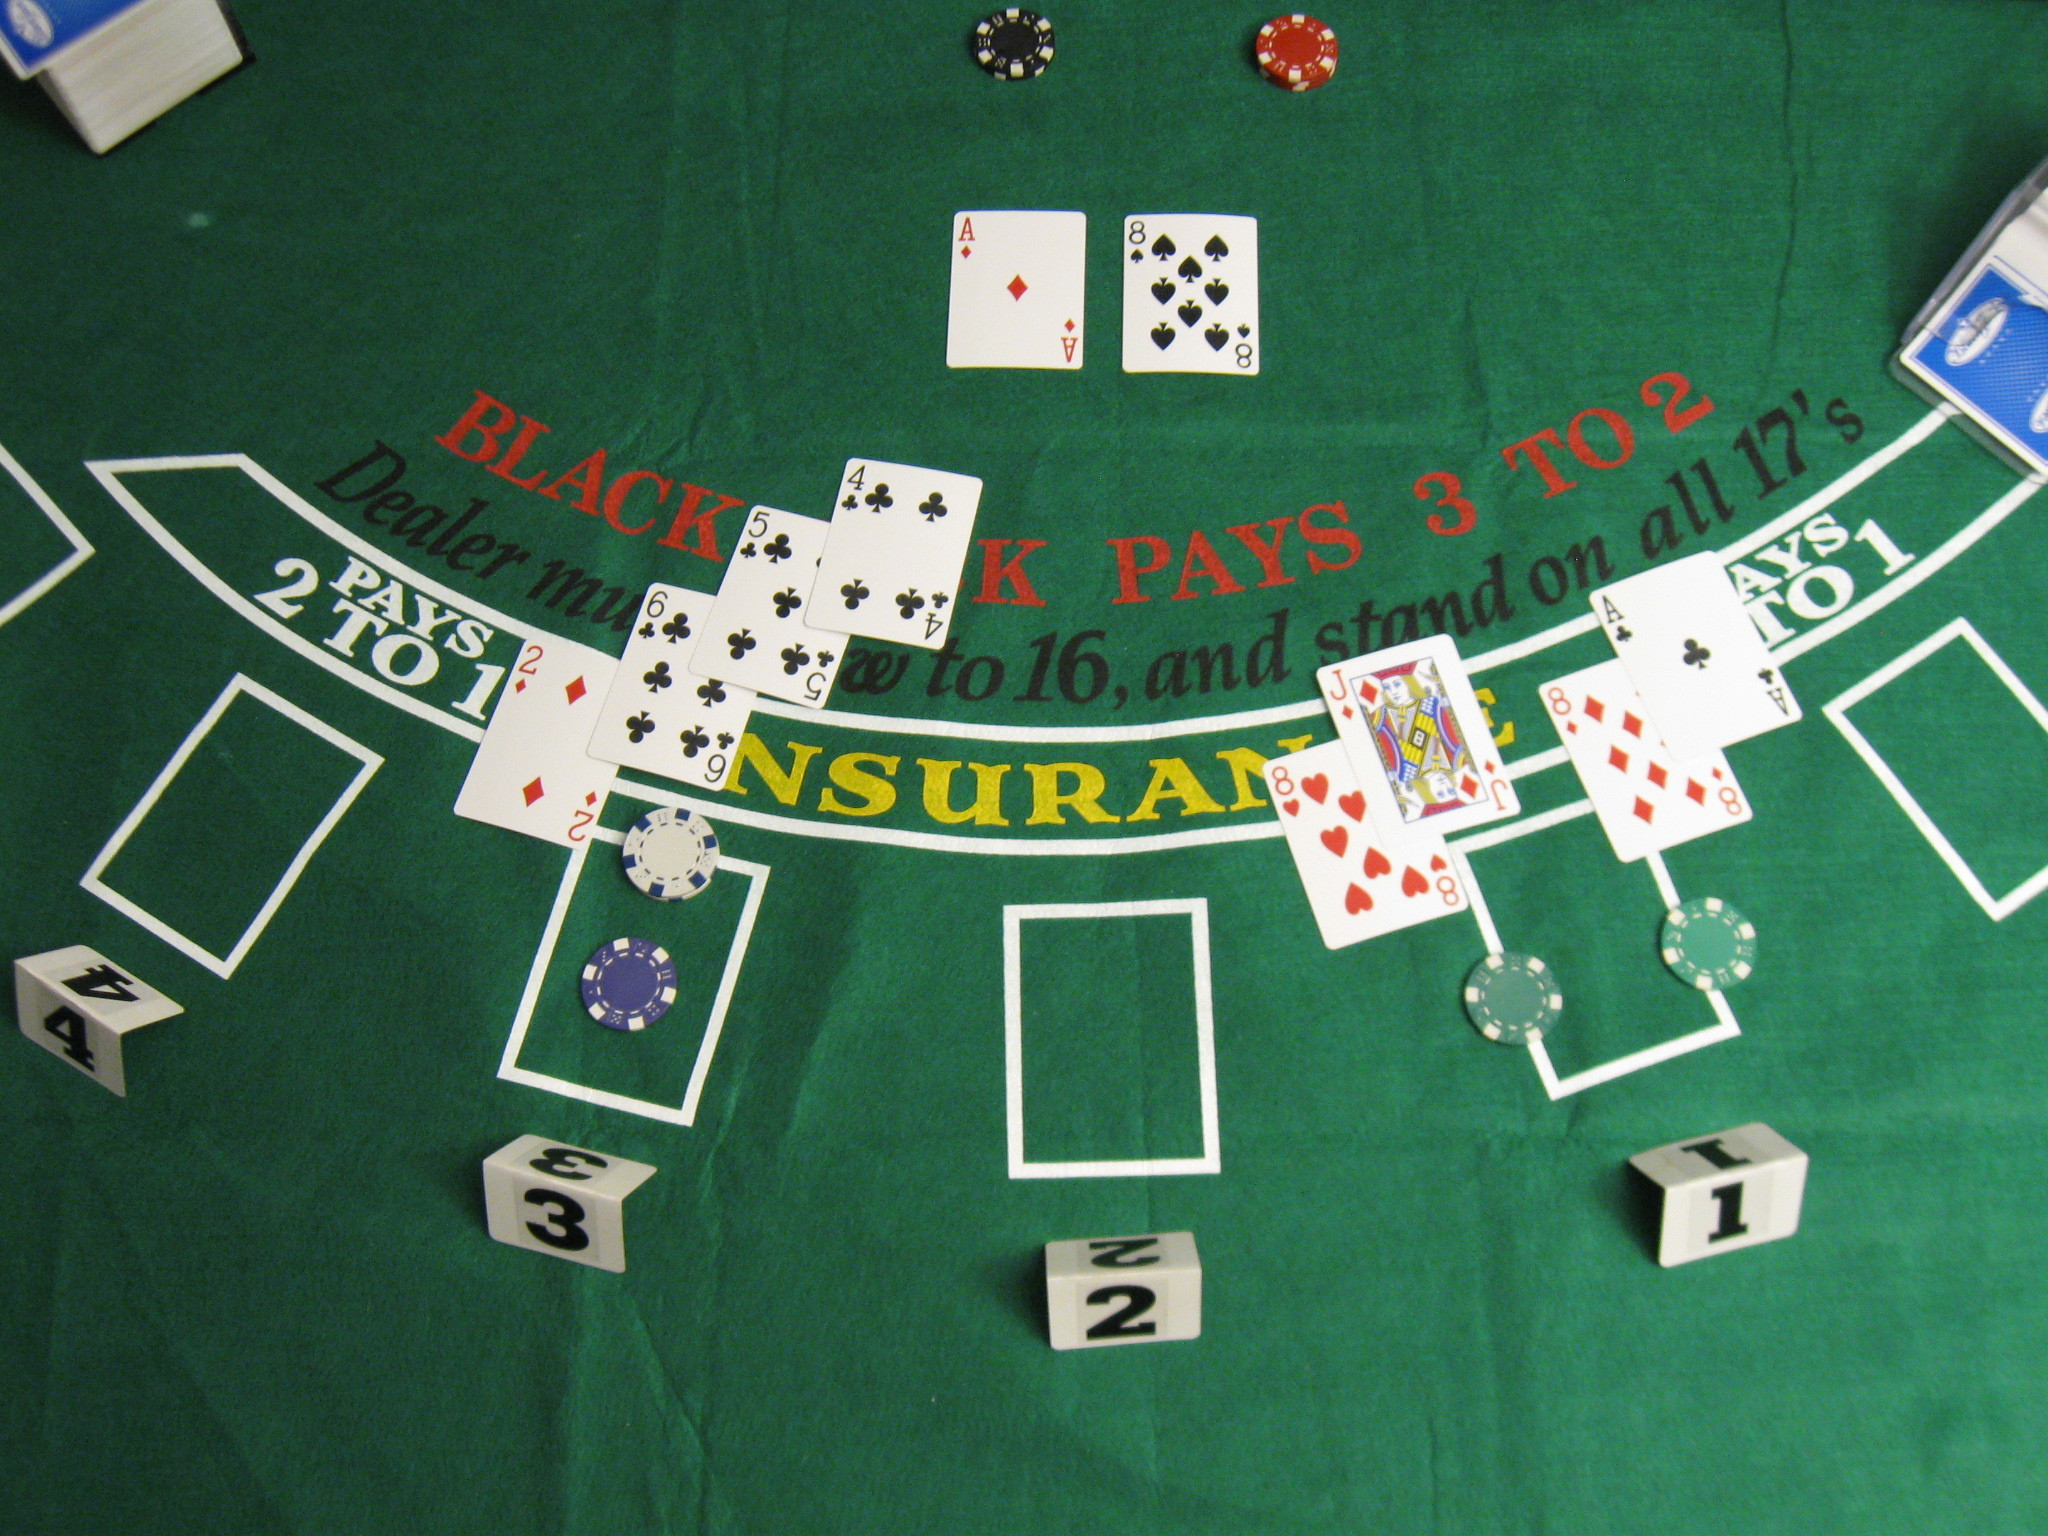 Consejo blackjack zorro gratis bonos-741206